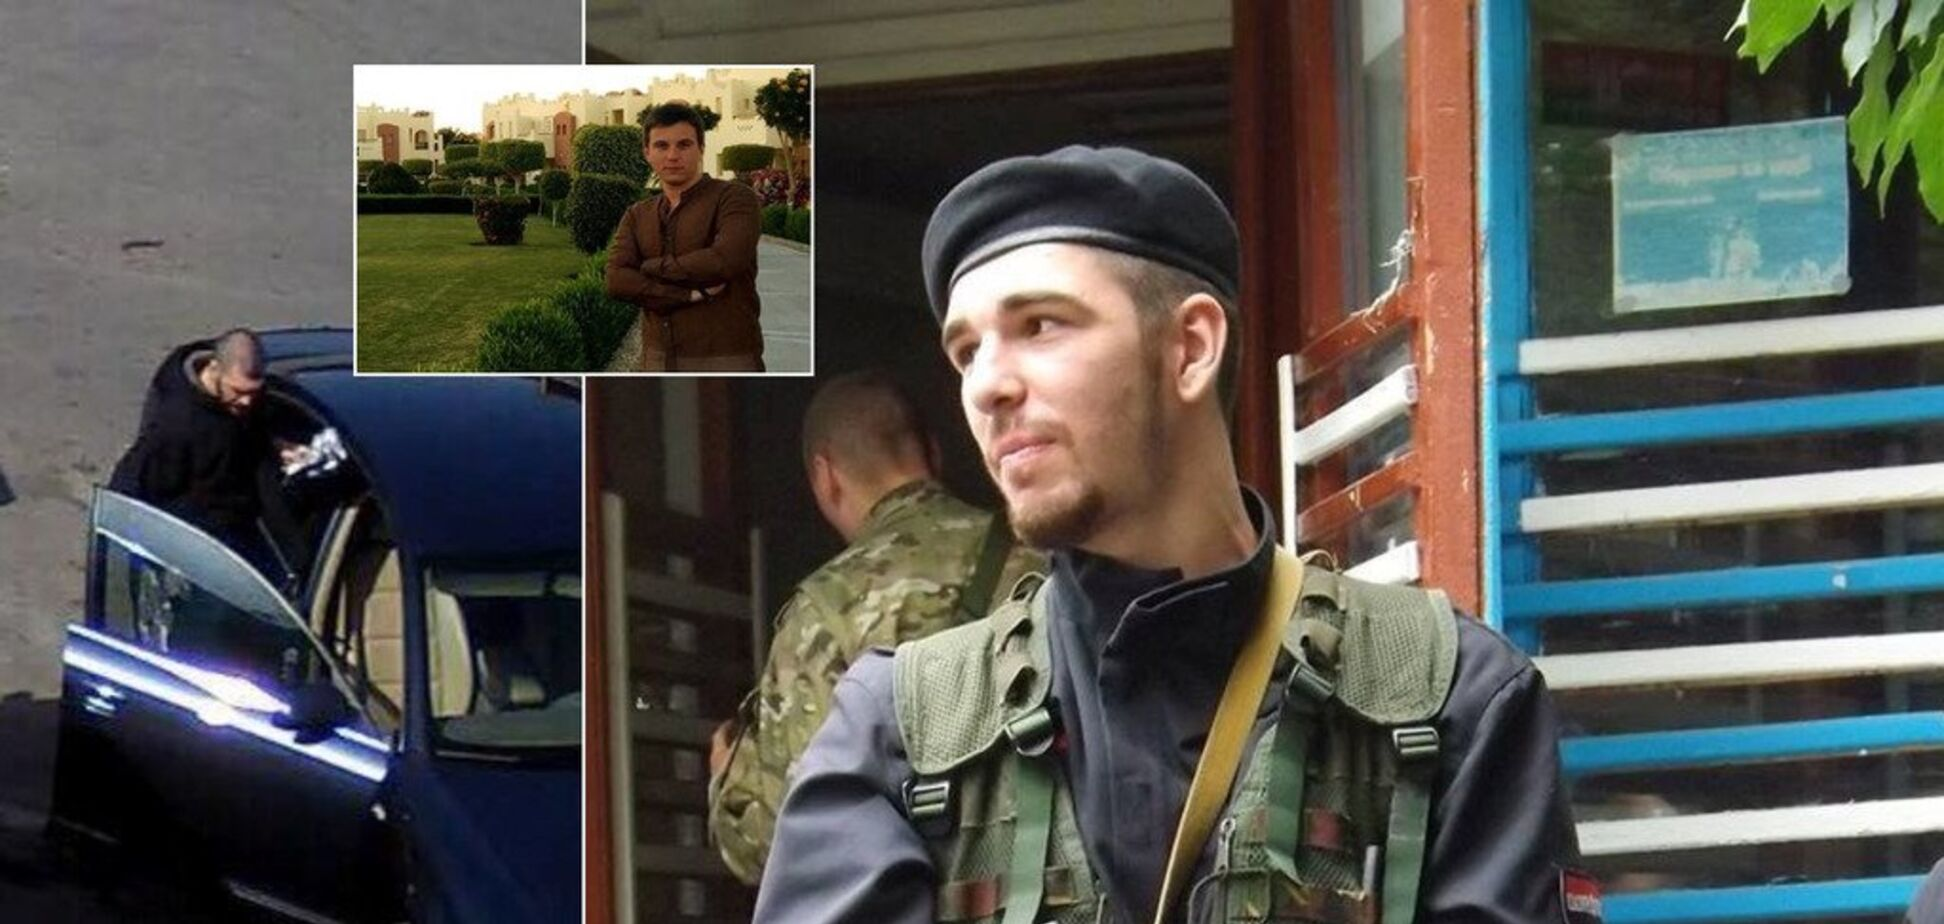 ''Уходил из-под носа полиции'': что известно о похитителе водителя BlaBlaCar, который взорвался в Киеве